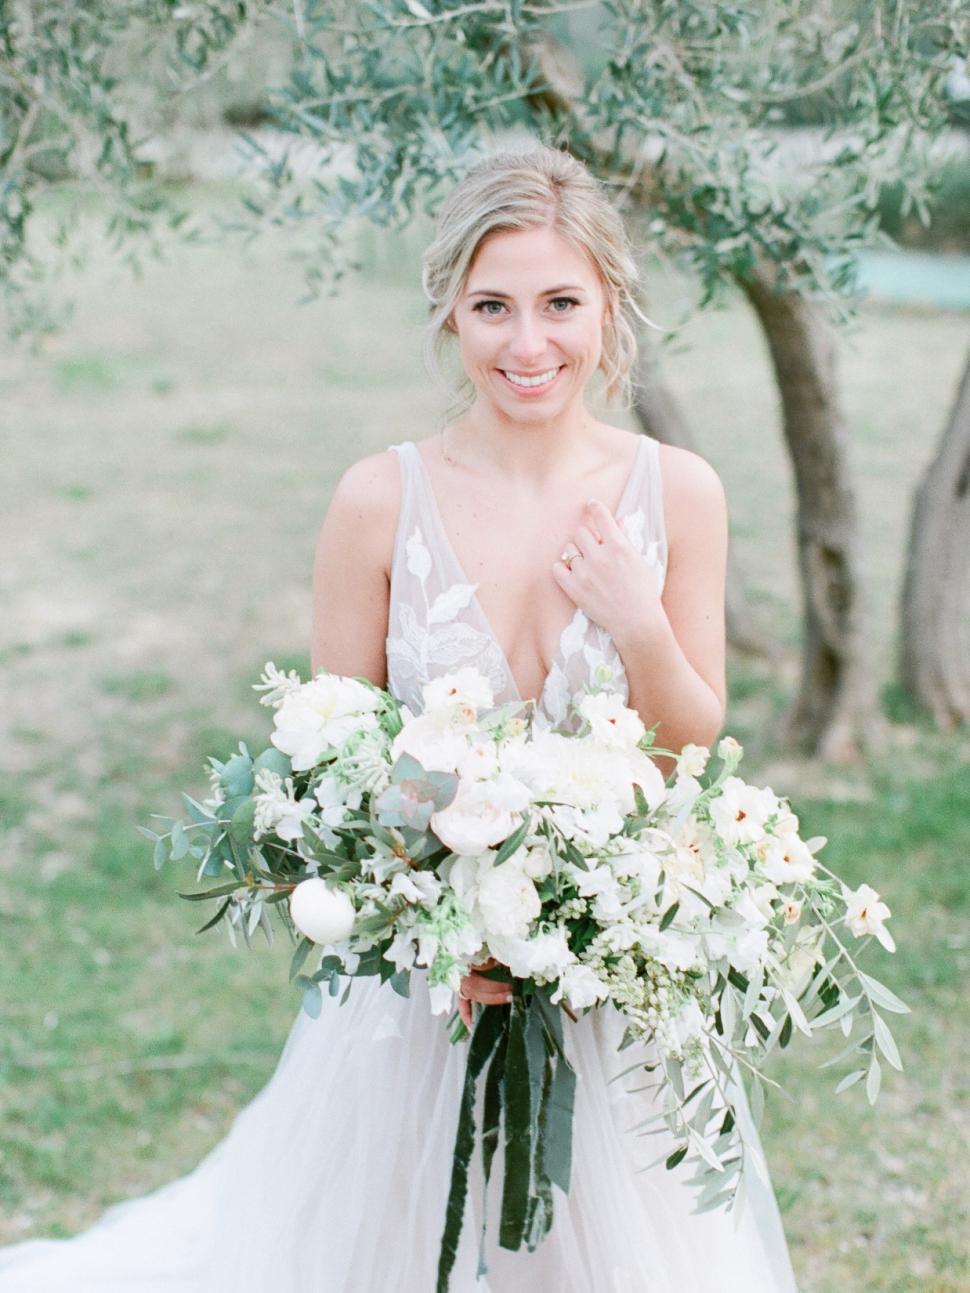 Tuscany-Destination-Wedding-Photographer-Cassi-Claire-Borgo-Petrognano-Florence-Wedding-29.jpg